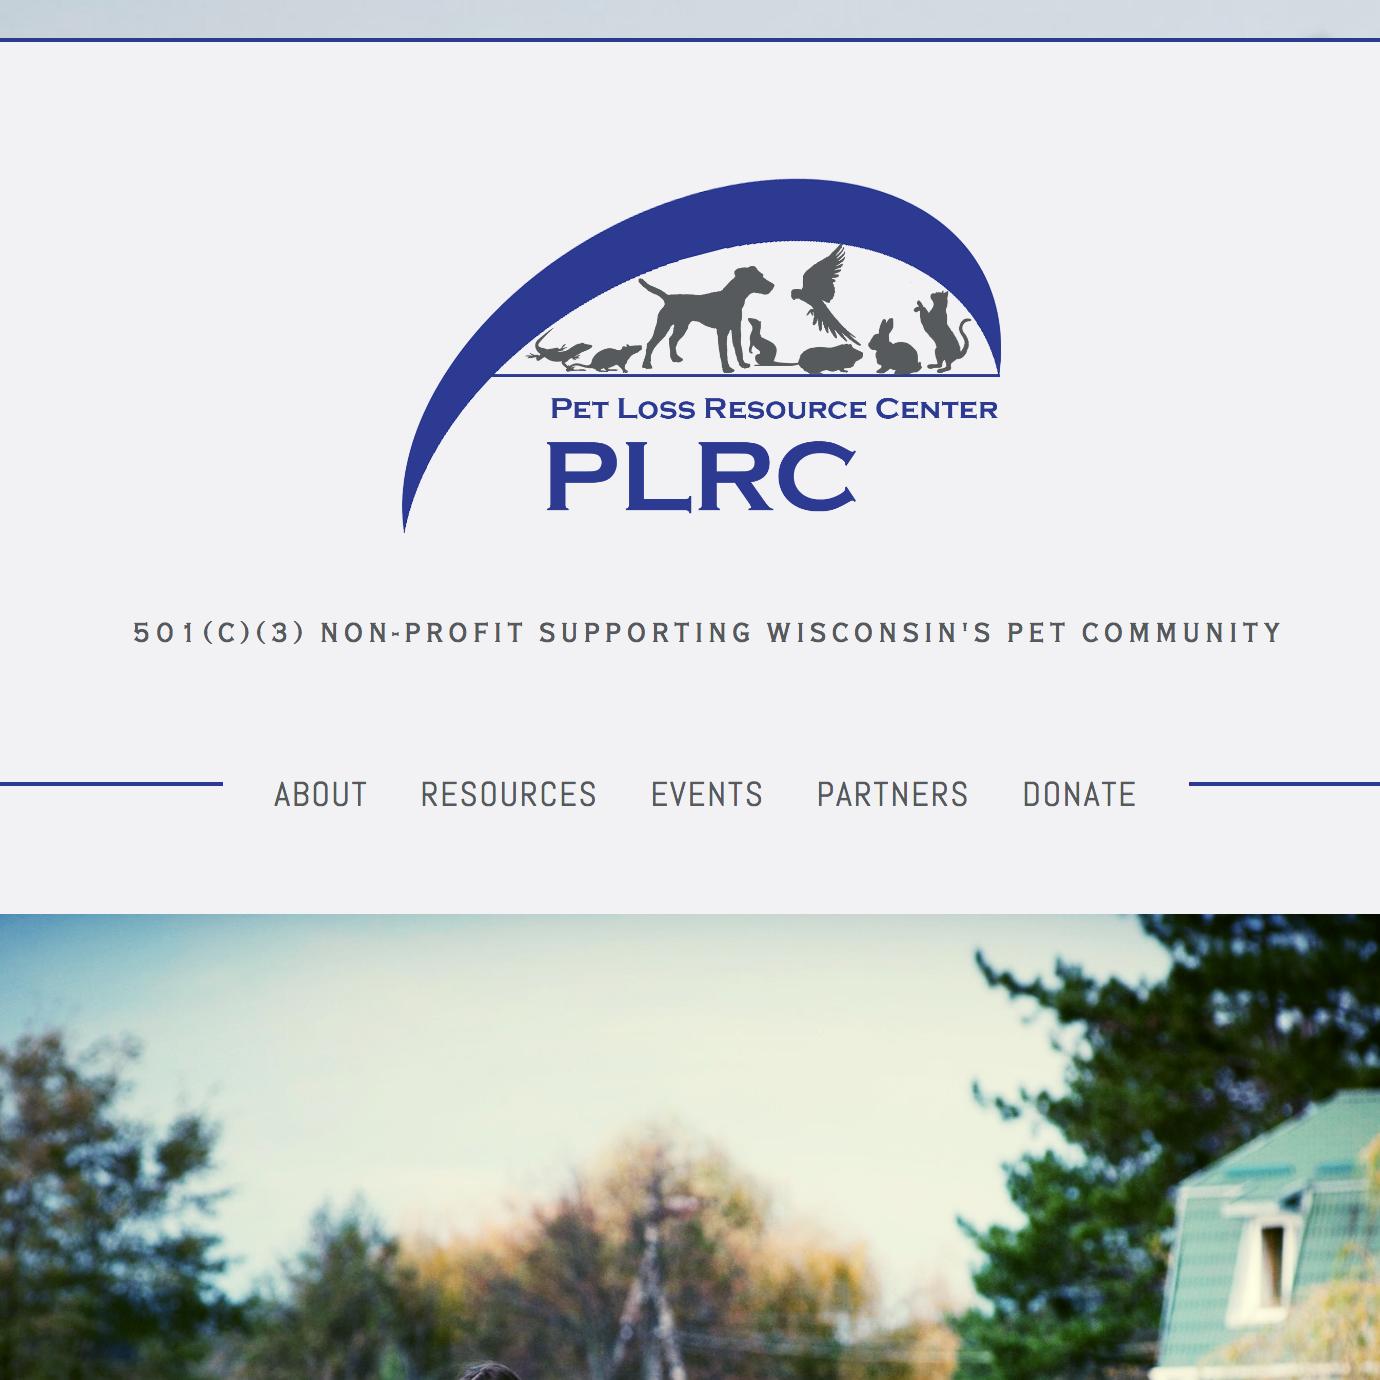 Pet Loss Resource Center Website Design